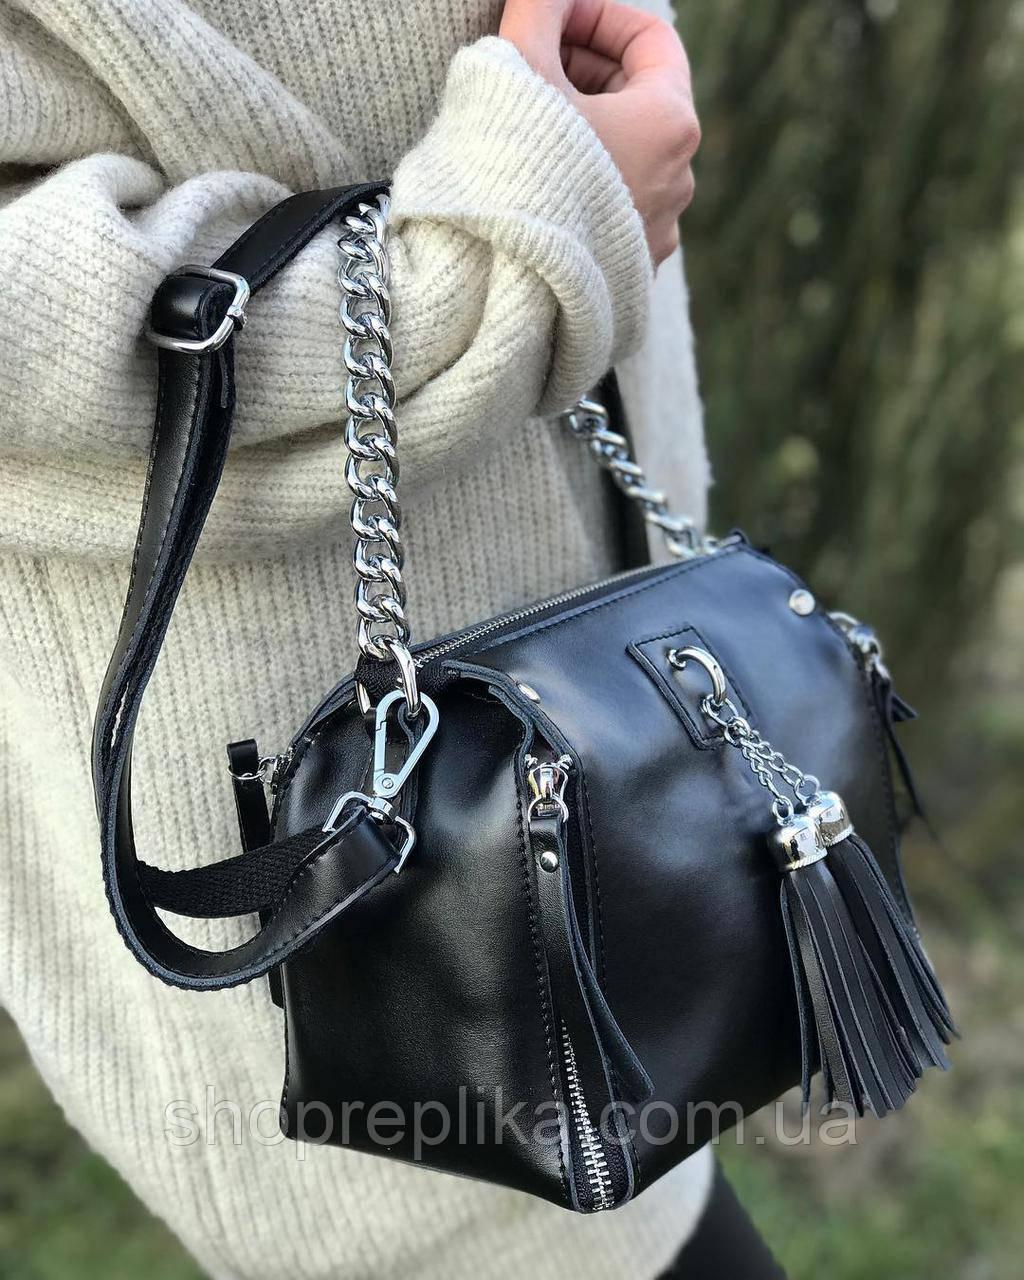 Женская кожаная сумка из натуральной кожи  клатч женский кожаный черный кроссбоди сумки 2020 df265f1